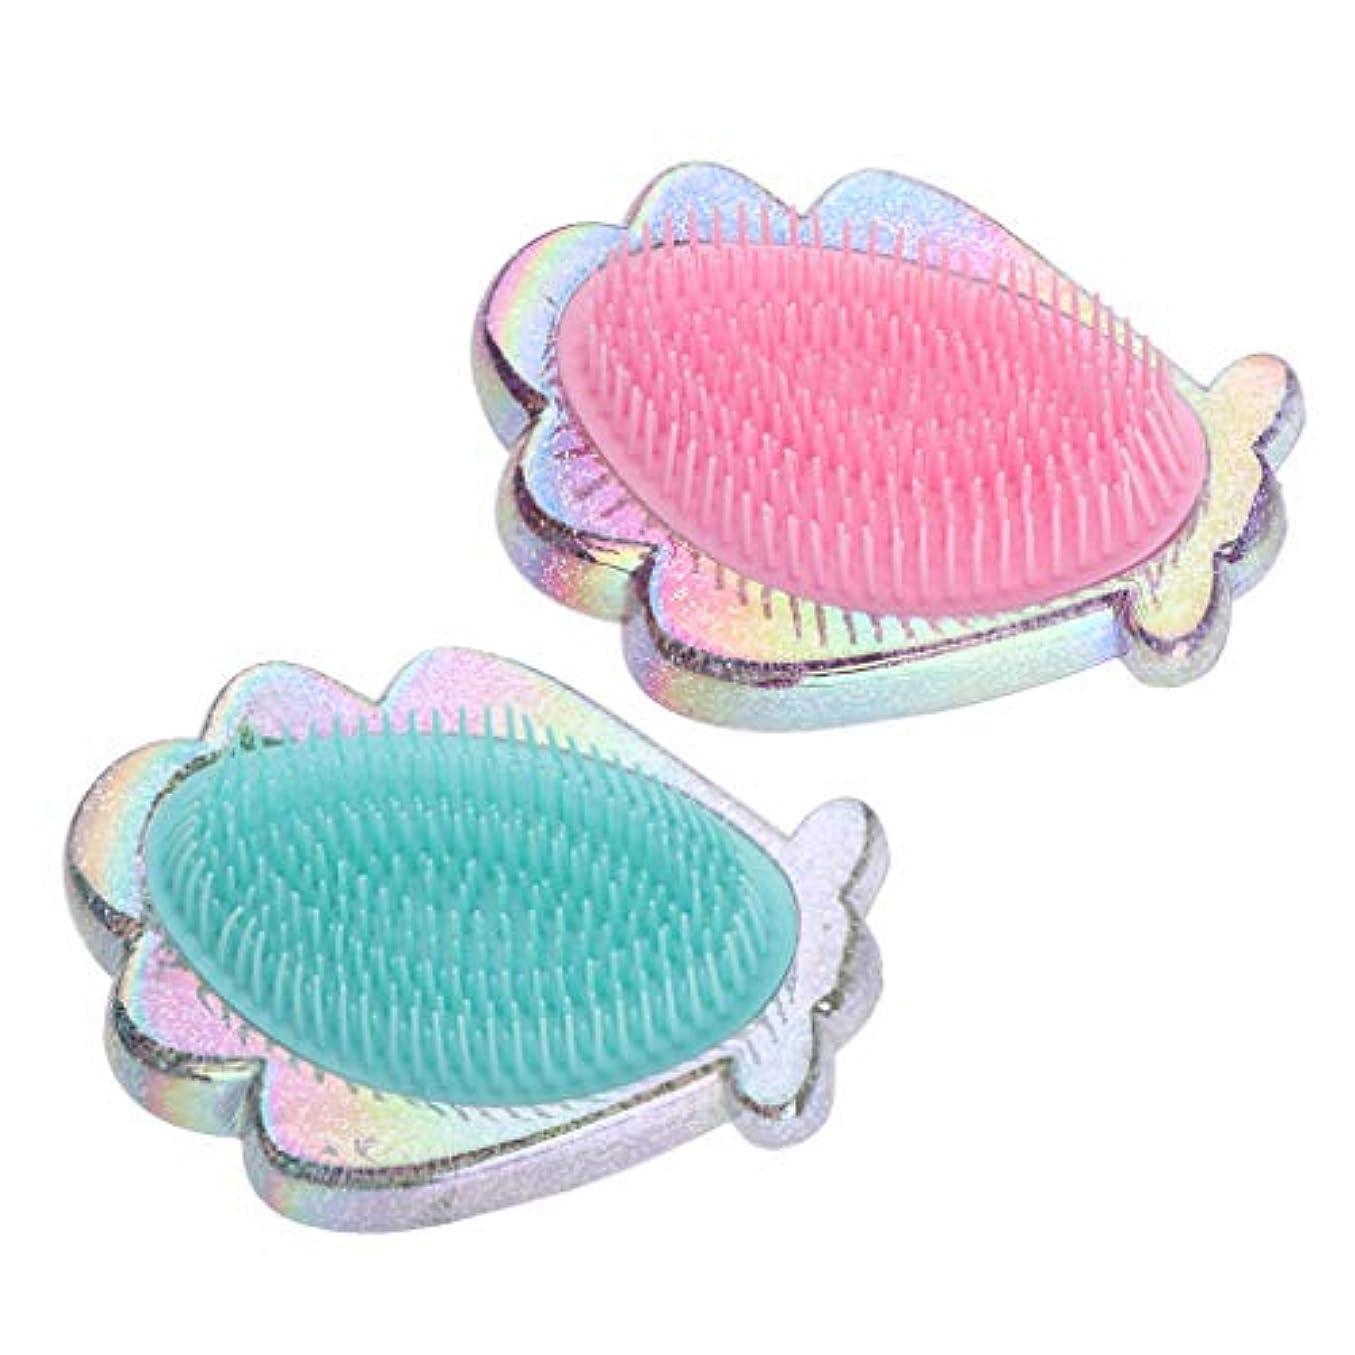 カッターキルトシーボードCUTICATE コーム ヘアコーム ヘアブラシ 静電気防止 プラスチック製 女性用 2個パック